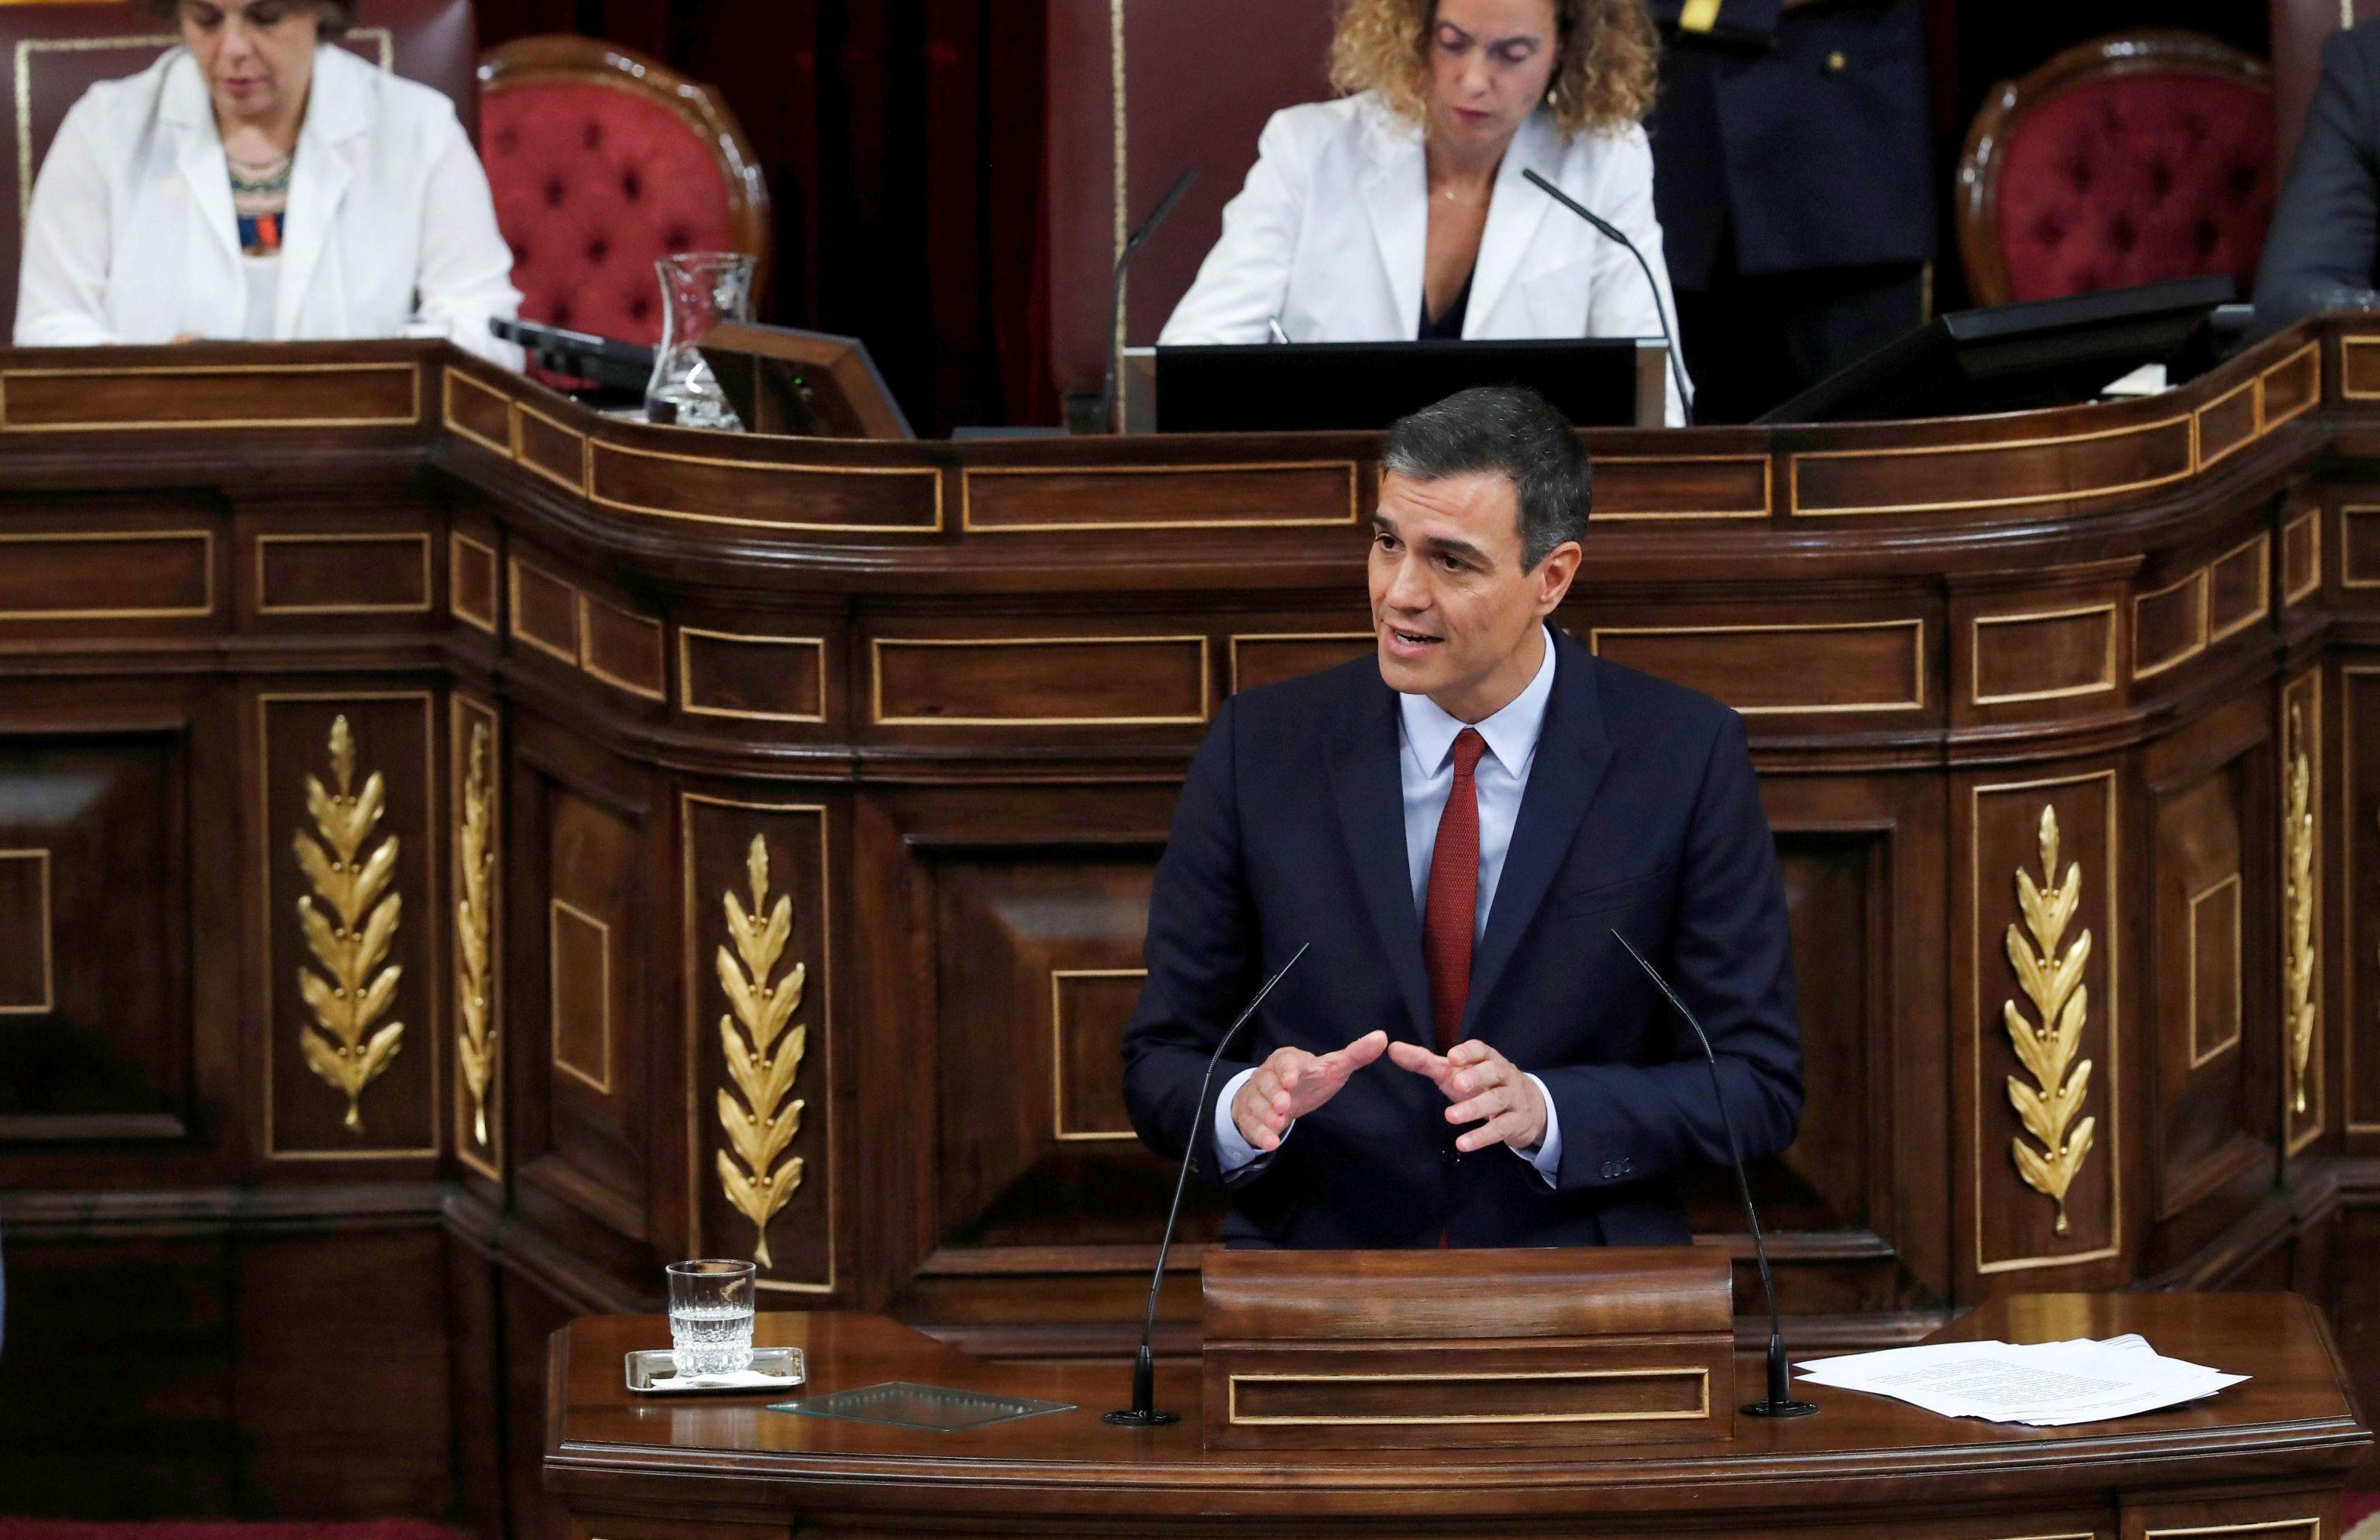 Pedro Sánchez, líder del Partido Socialista Obrero Español (PSOE)